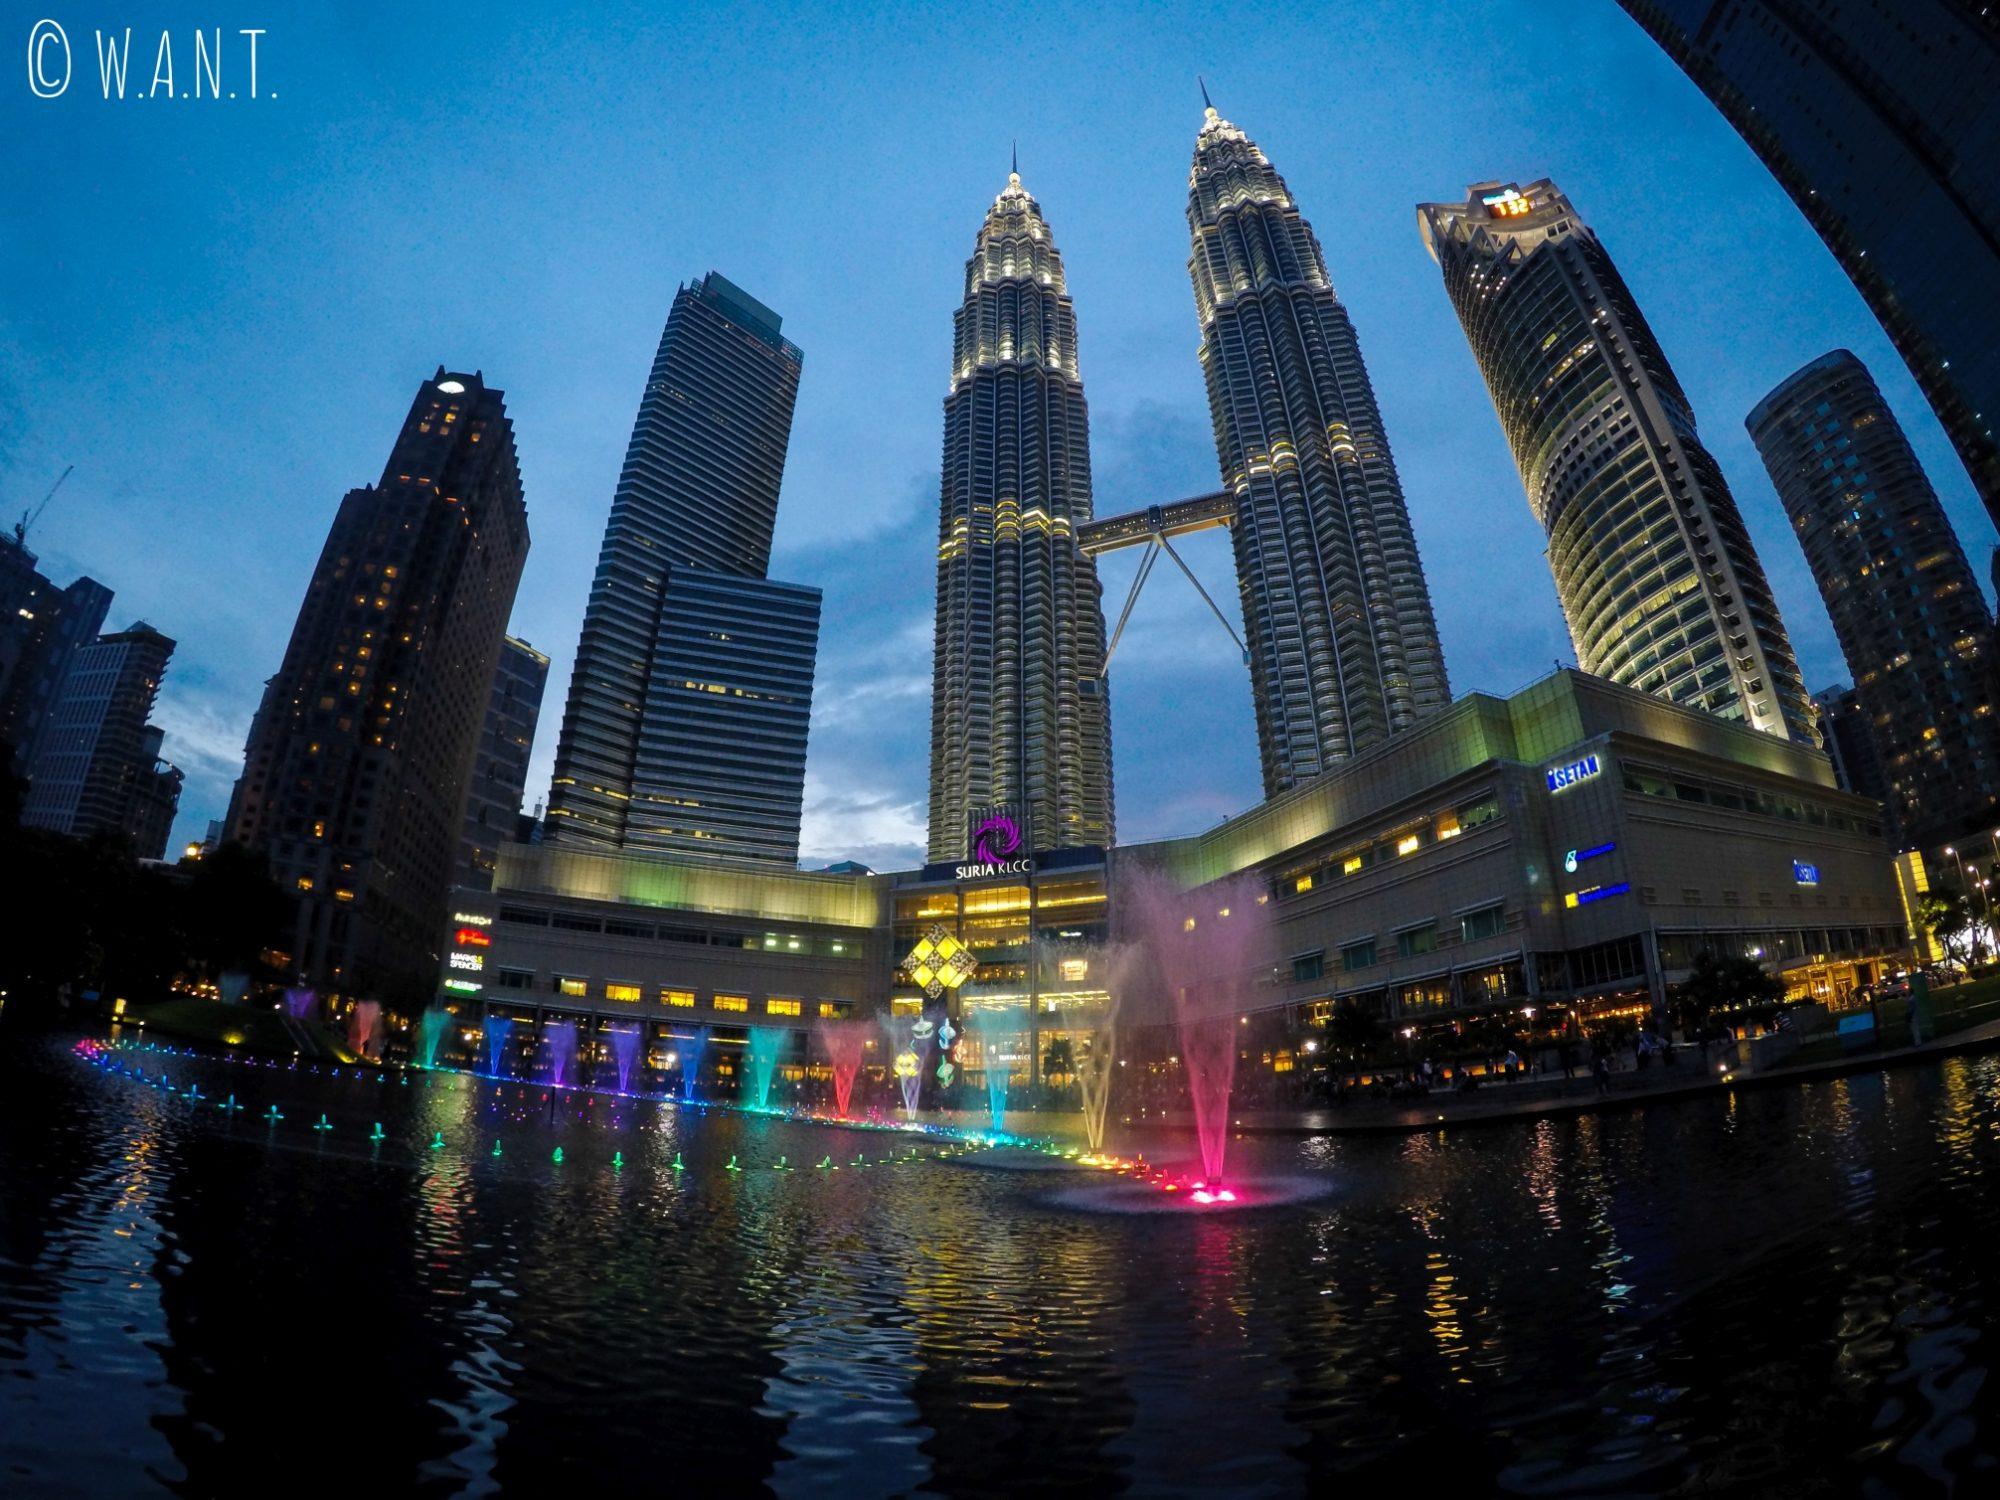 Vue de nuit sur les Tours jumelles Petronas